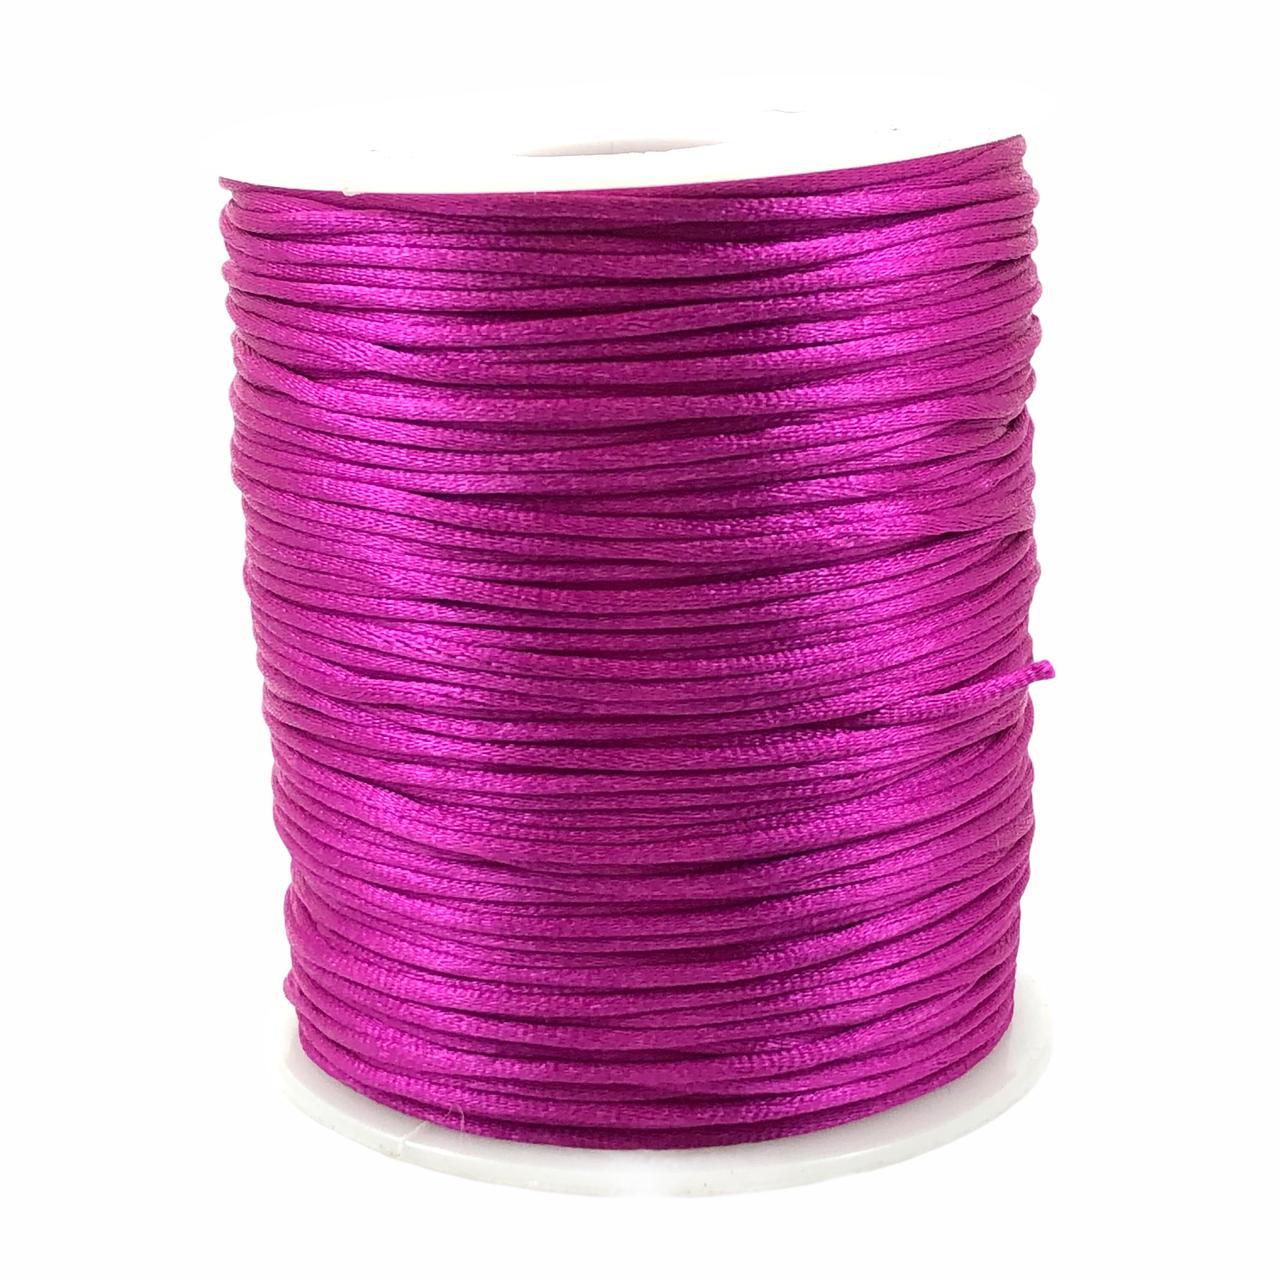 FS61 - Fio de Seda 1mm Violeta - 5metros